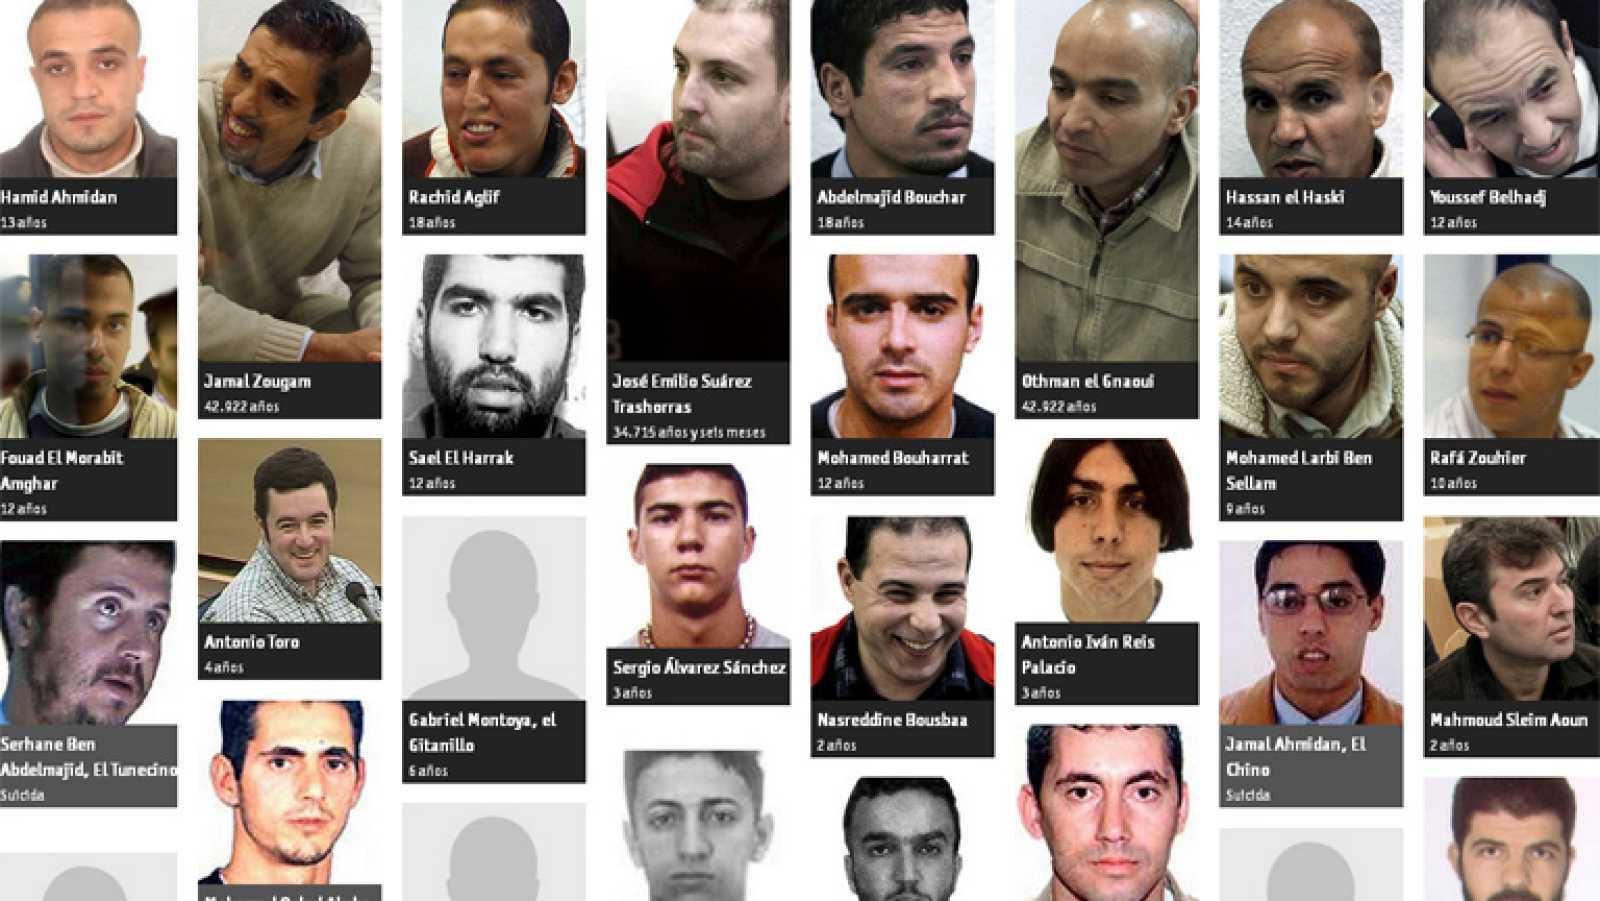 10 años después del atentado del 11-M, 14 de los 18 condenados permanecen en prisión